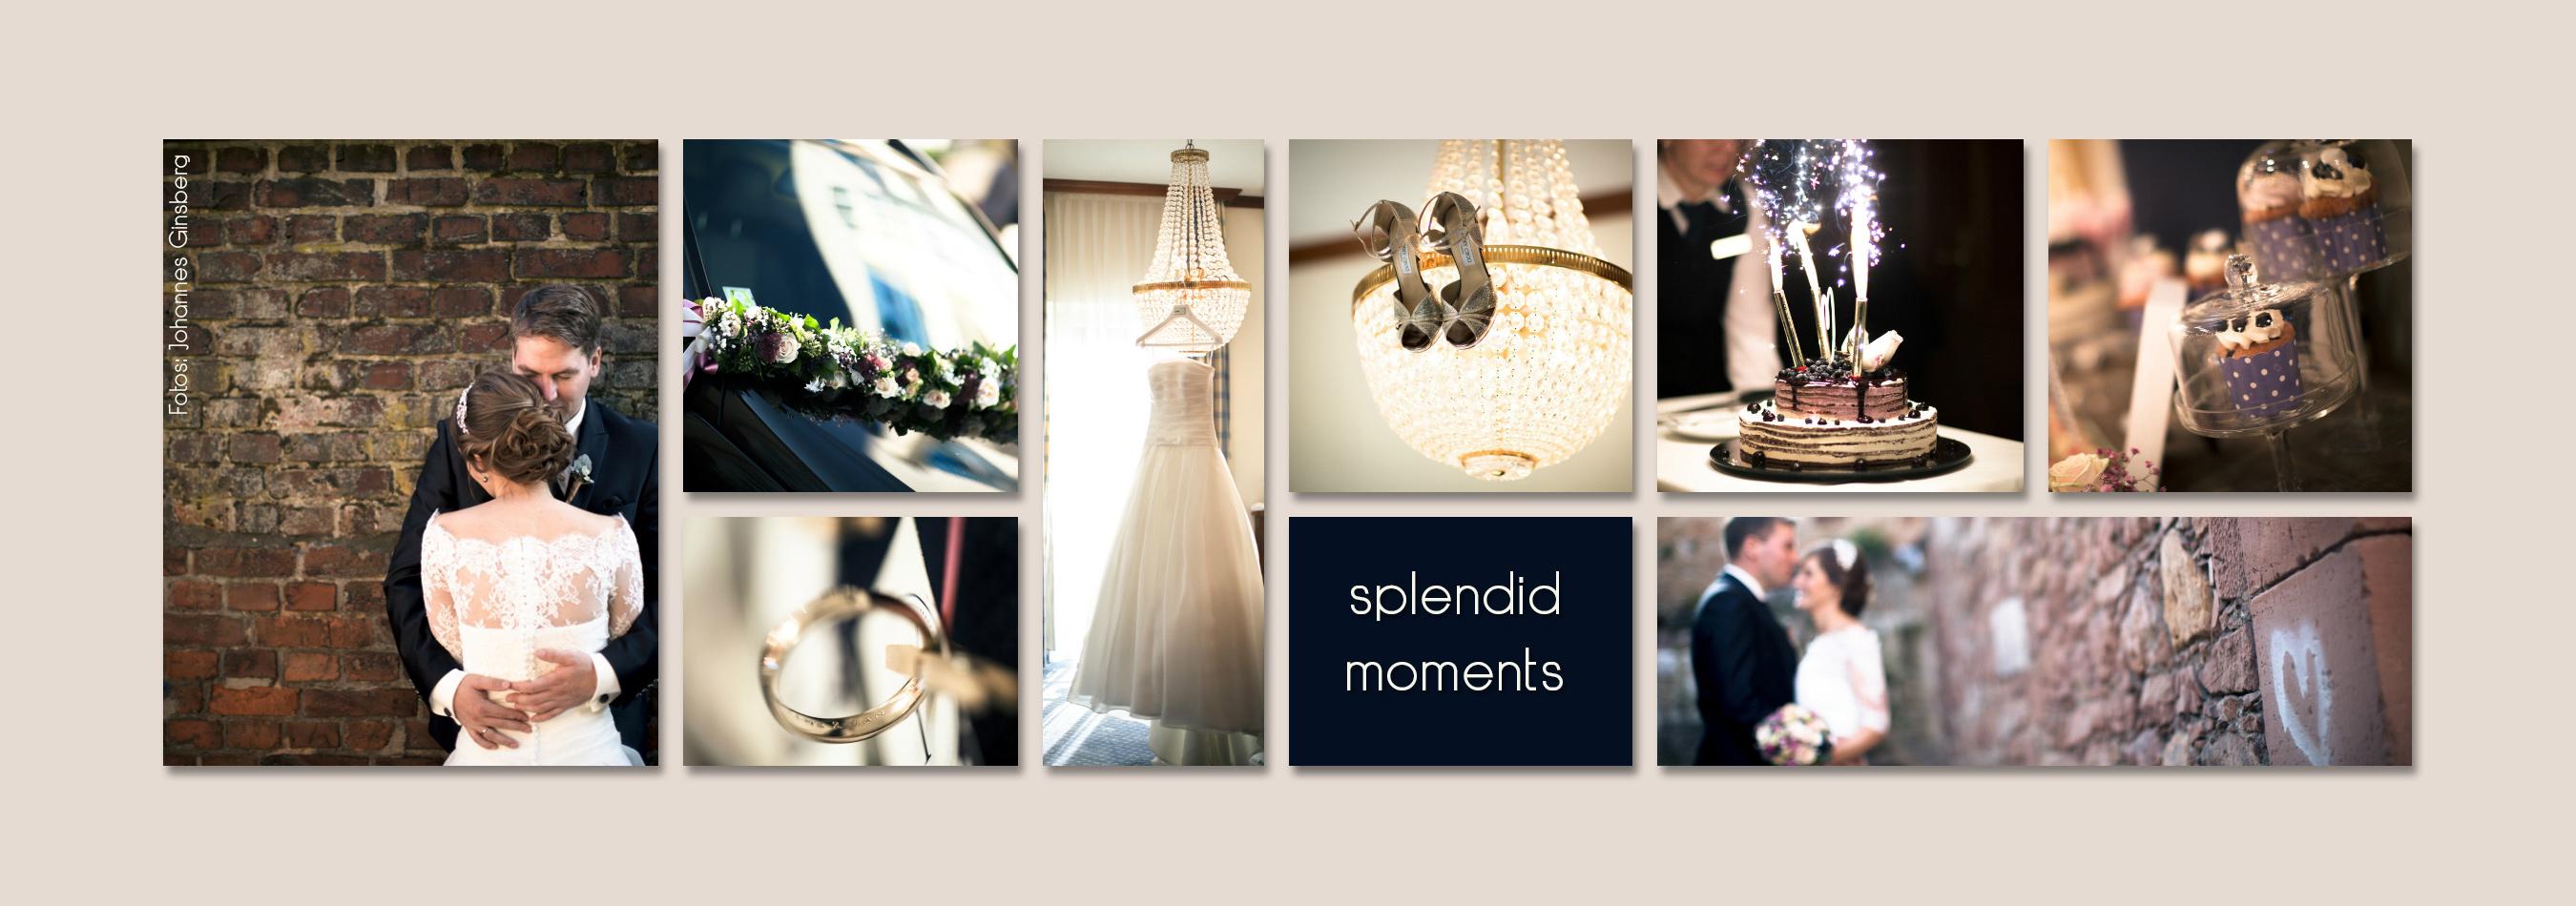 01_splendid-moments.jpg